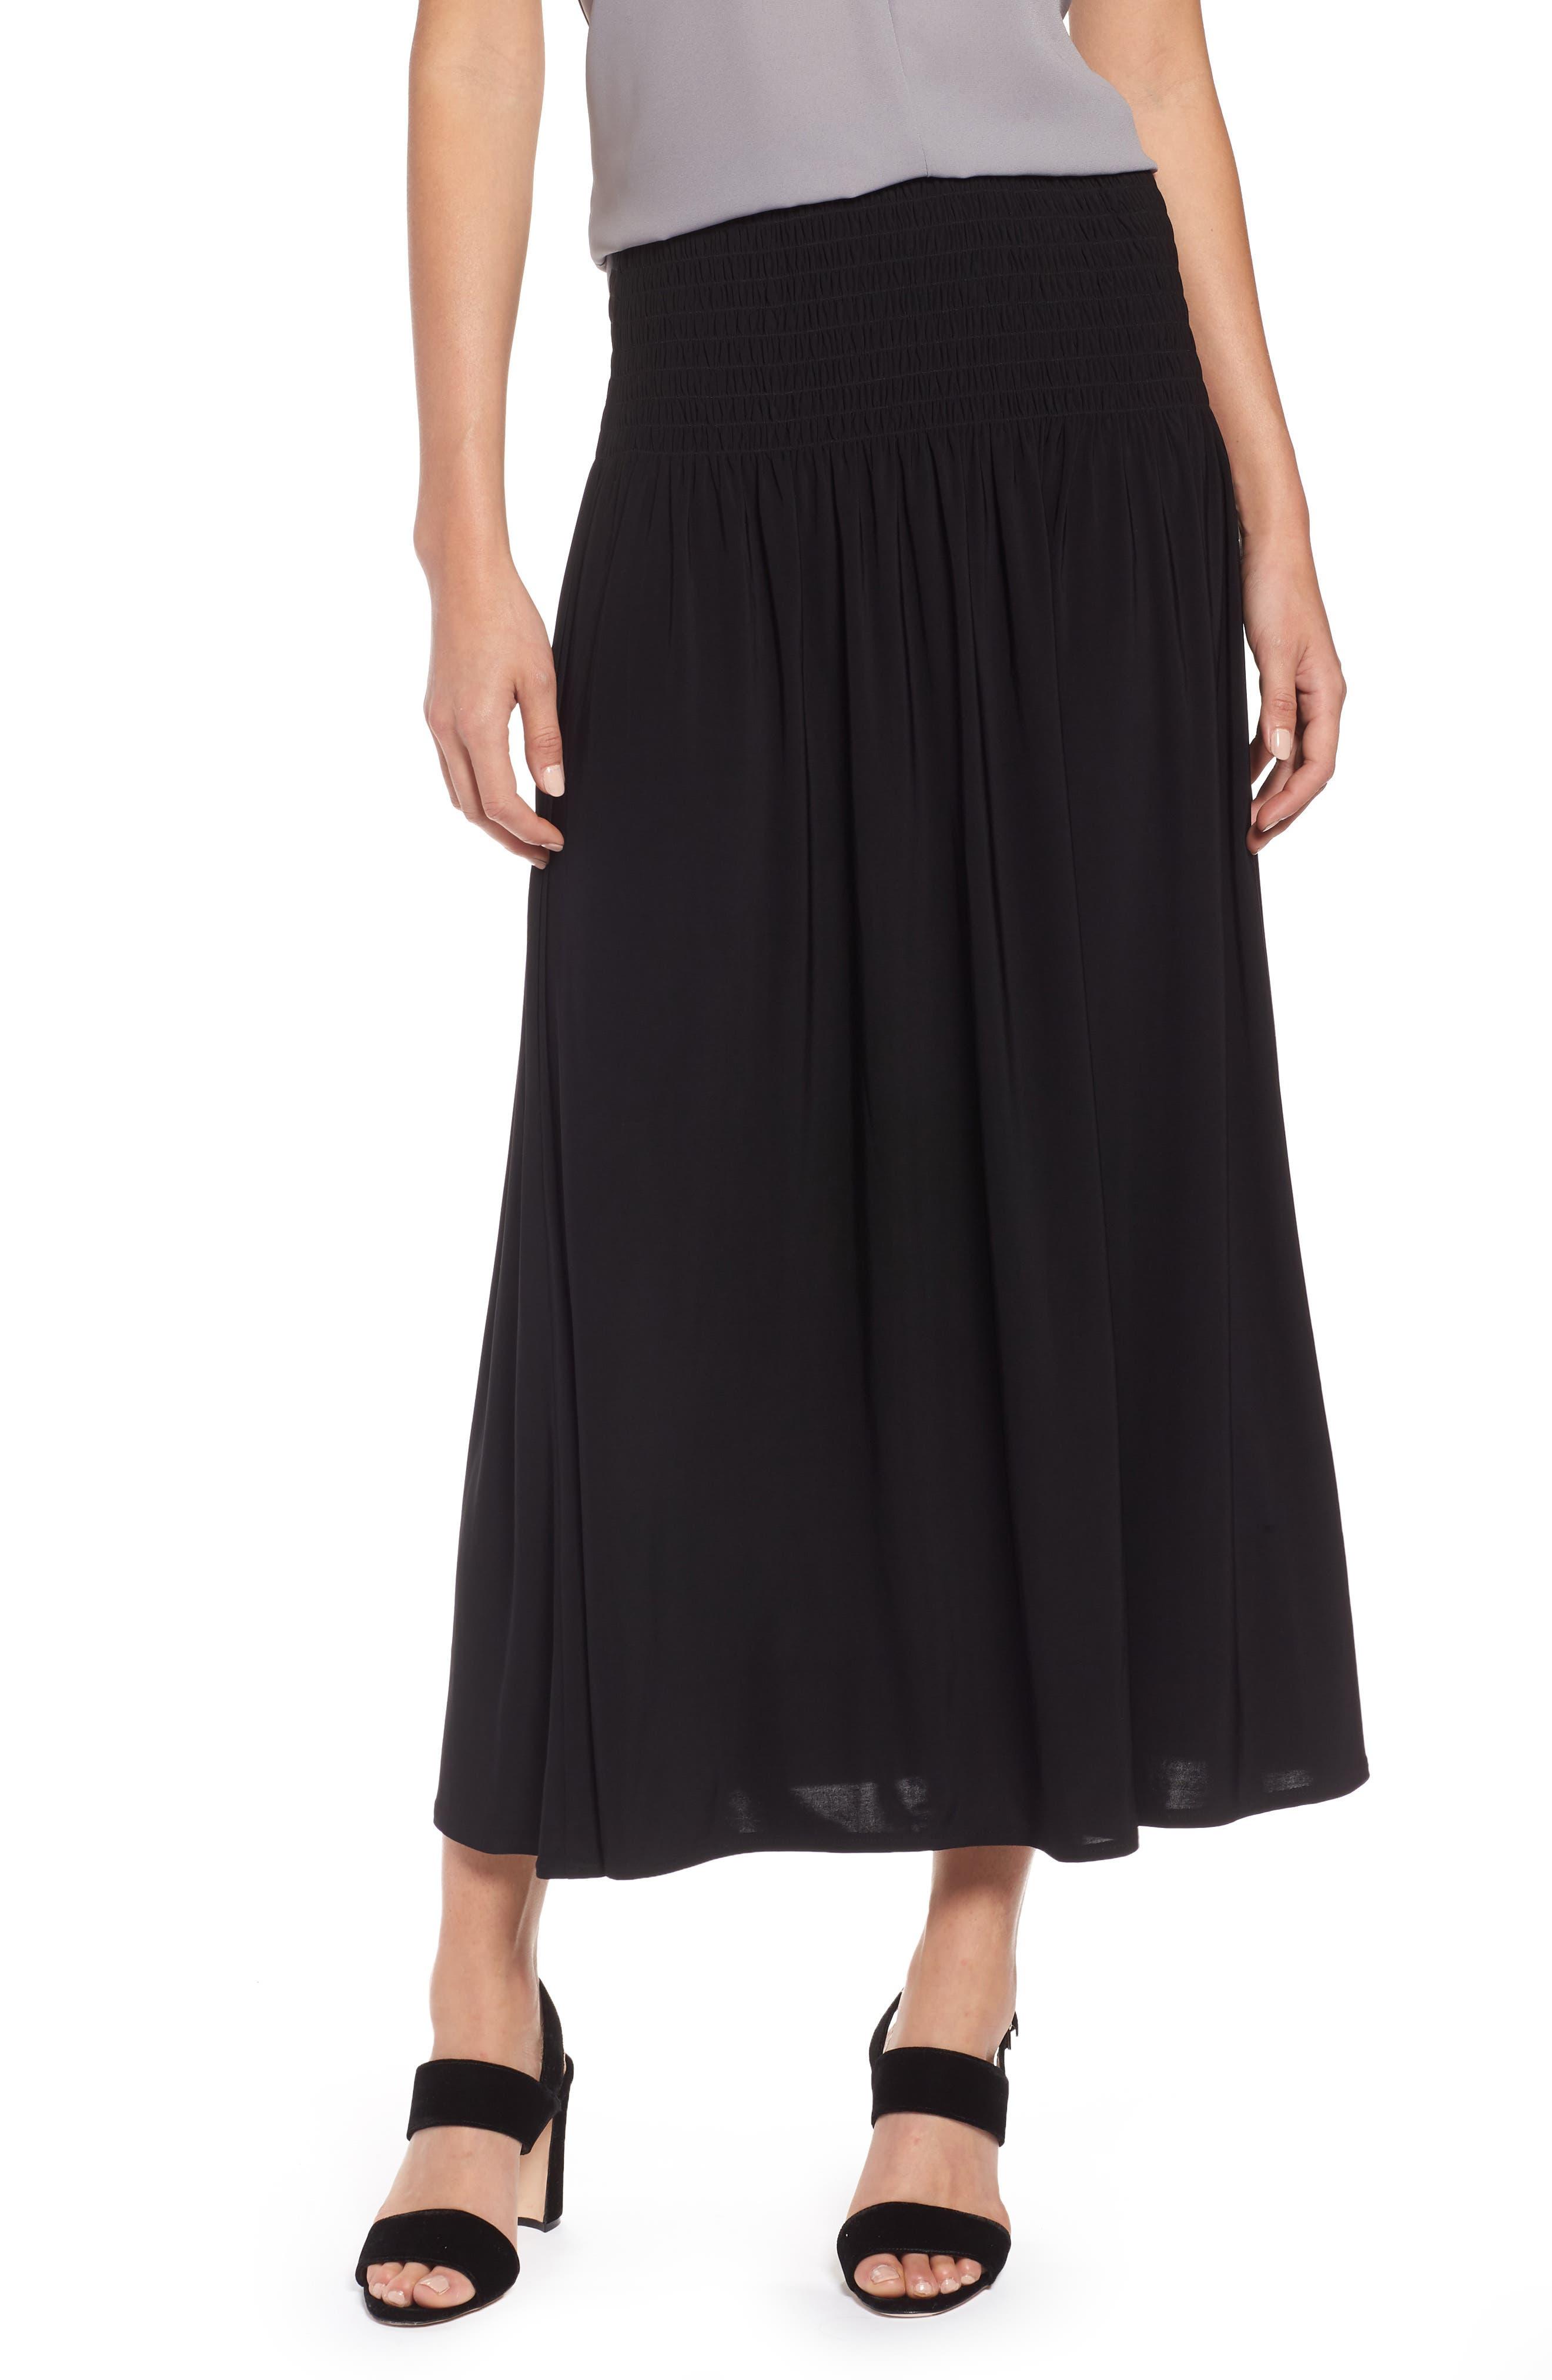 Image of NIC+ZOE 'Feel Good' Maxi Skirt